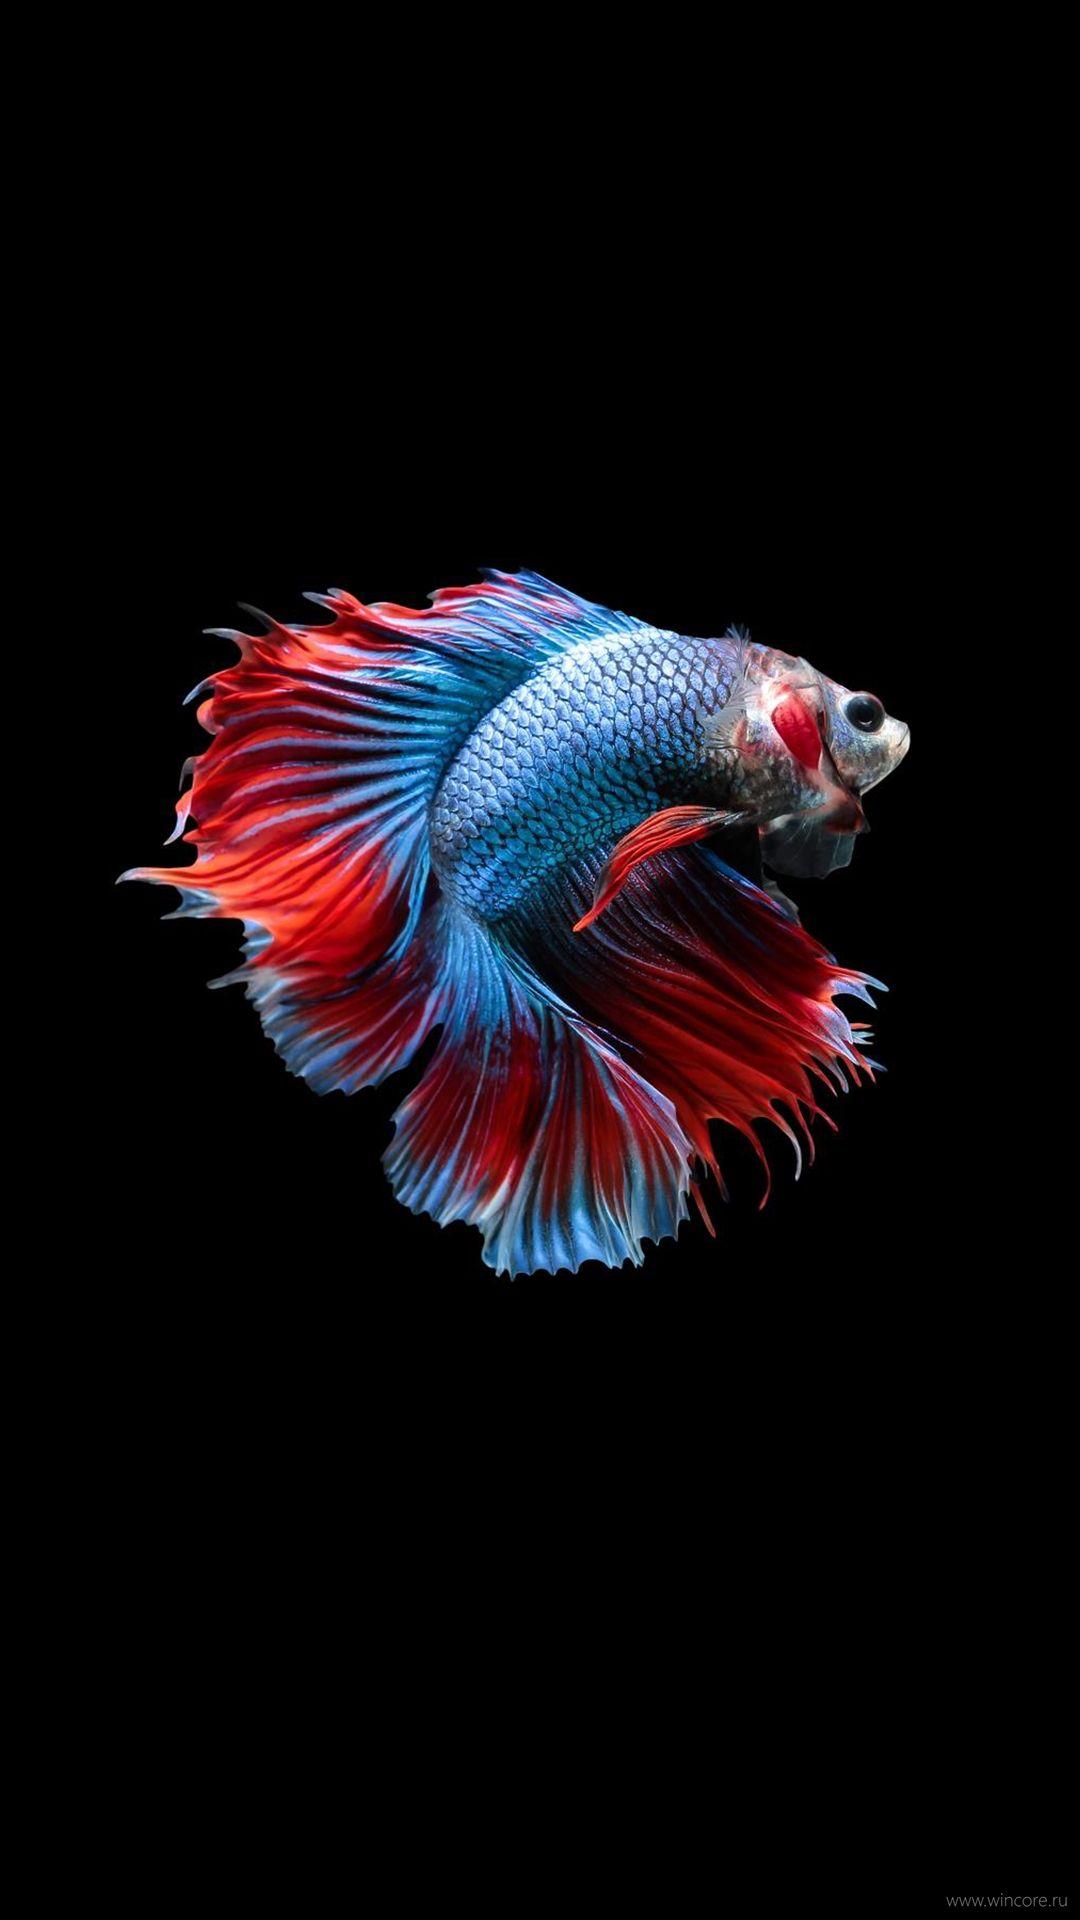 Fish Clean XS Max wallpaper